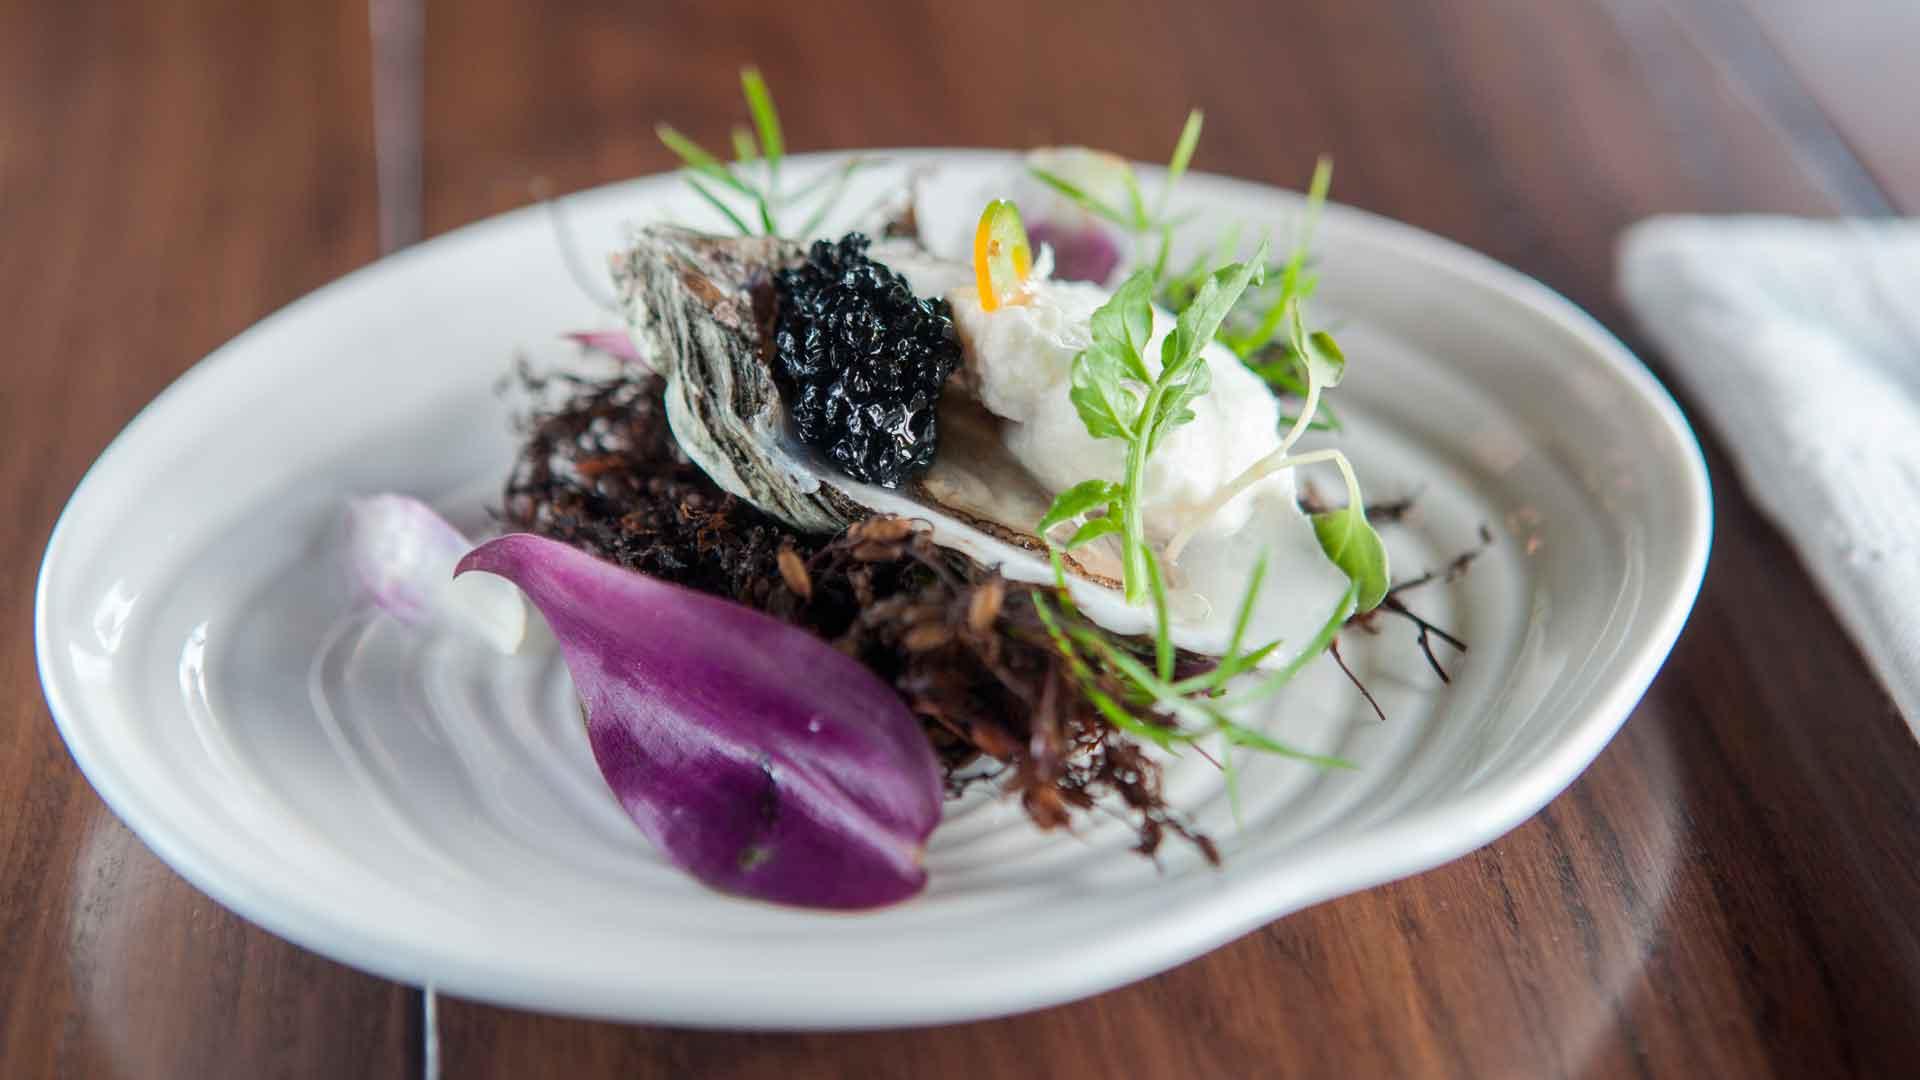 Viaja por los sabores de Latinoamérica en el restaurante La Madre